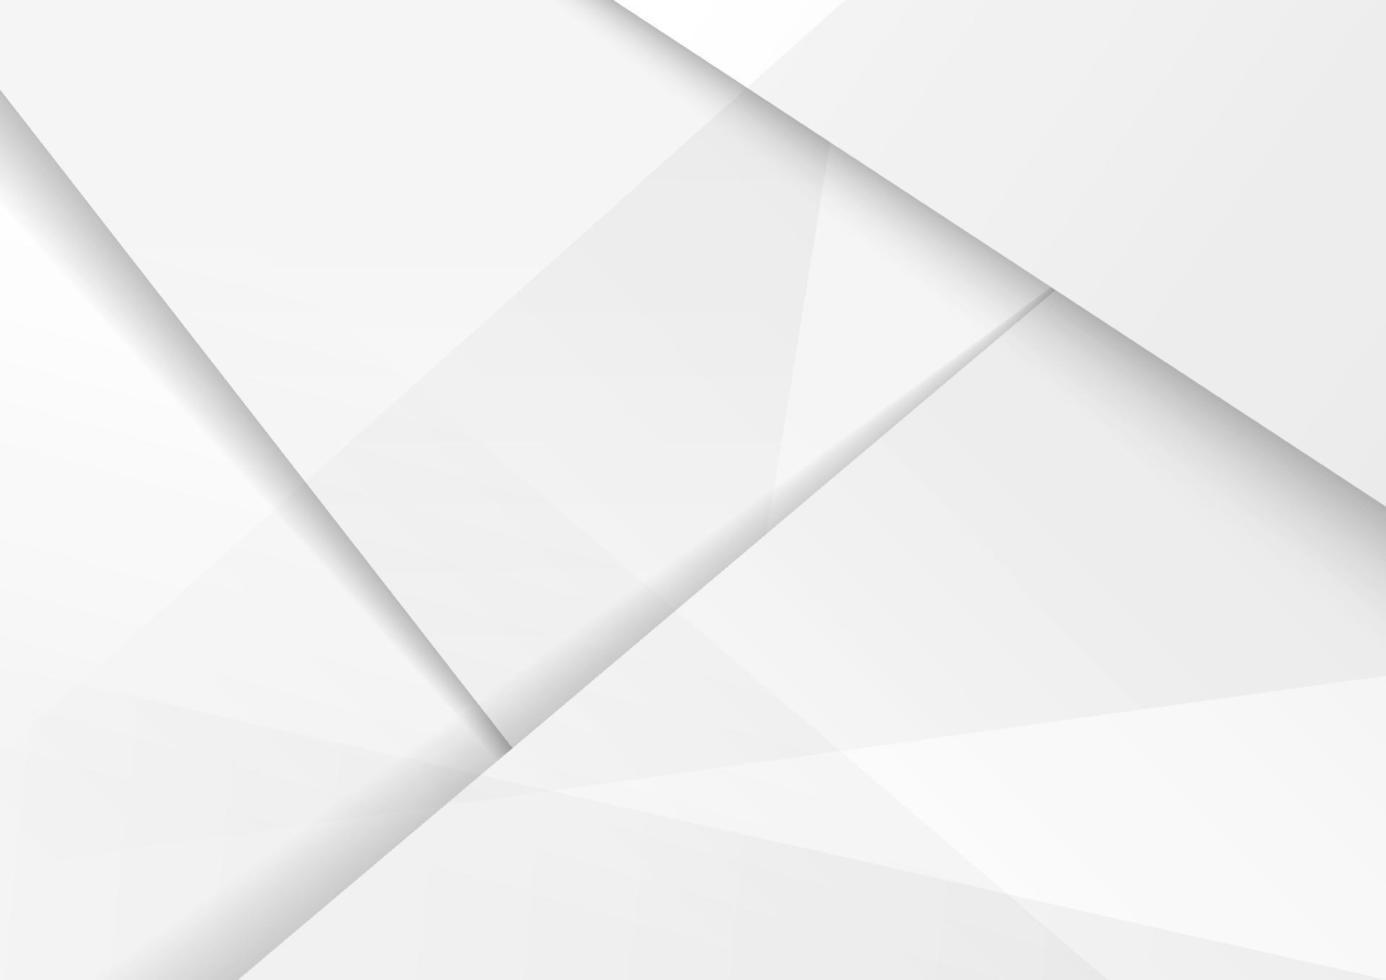 conception de fond moderne abstrait blanc et gris entreprise polygonale hi-tech avec ombre. vecteur